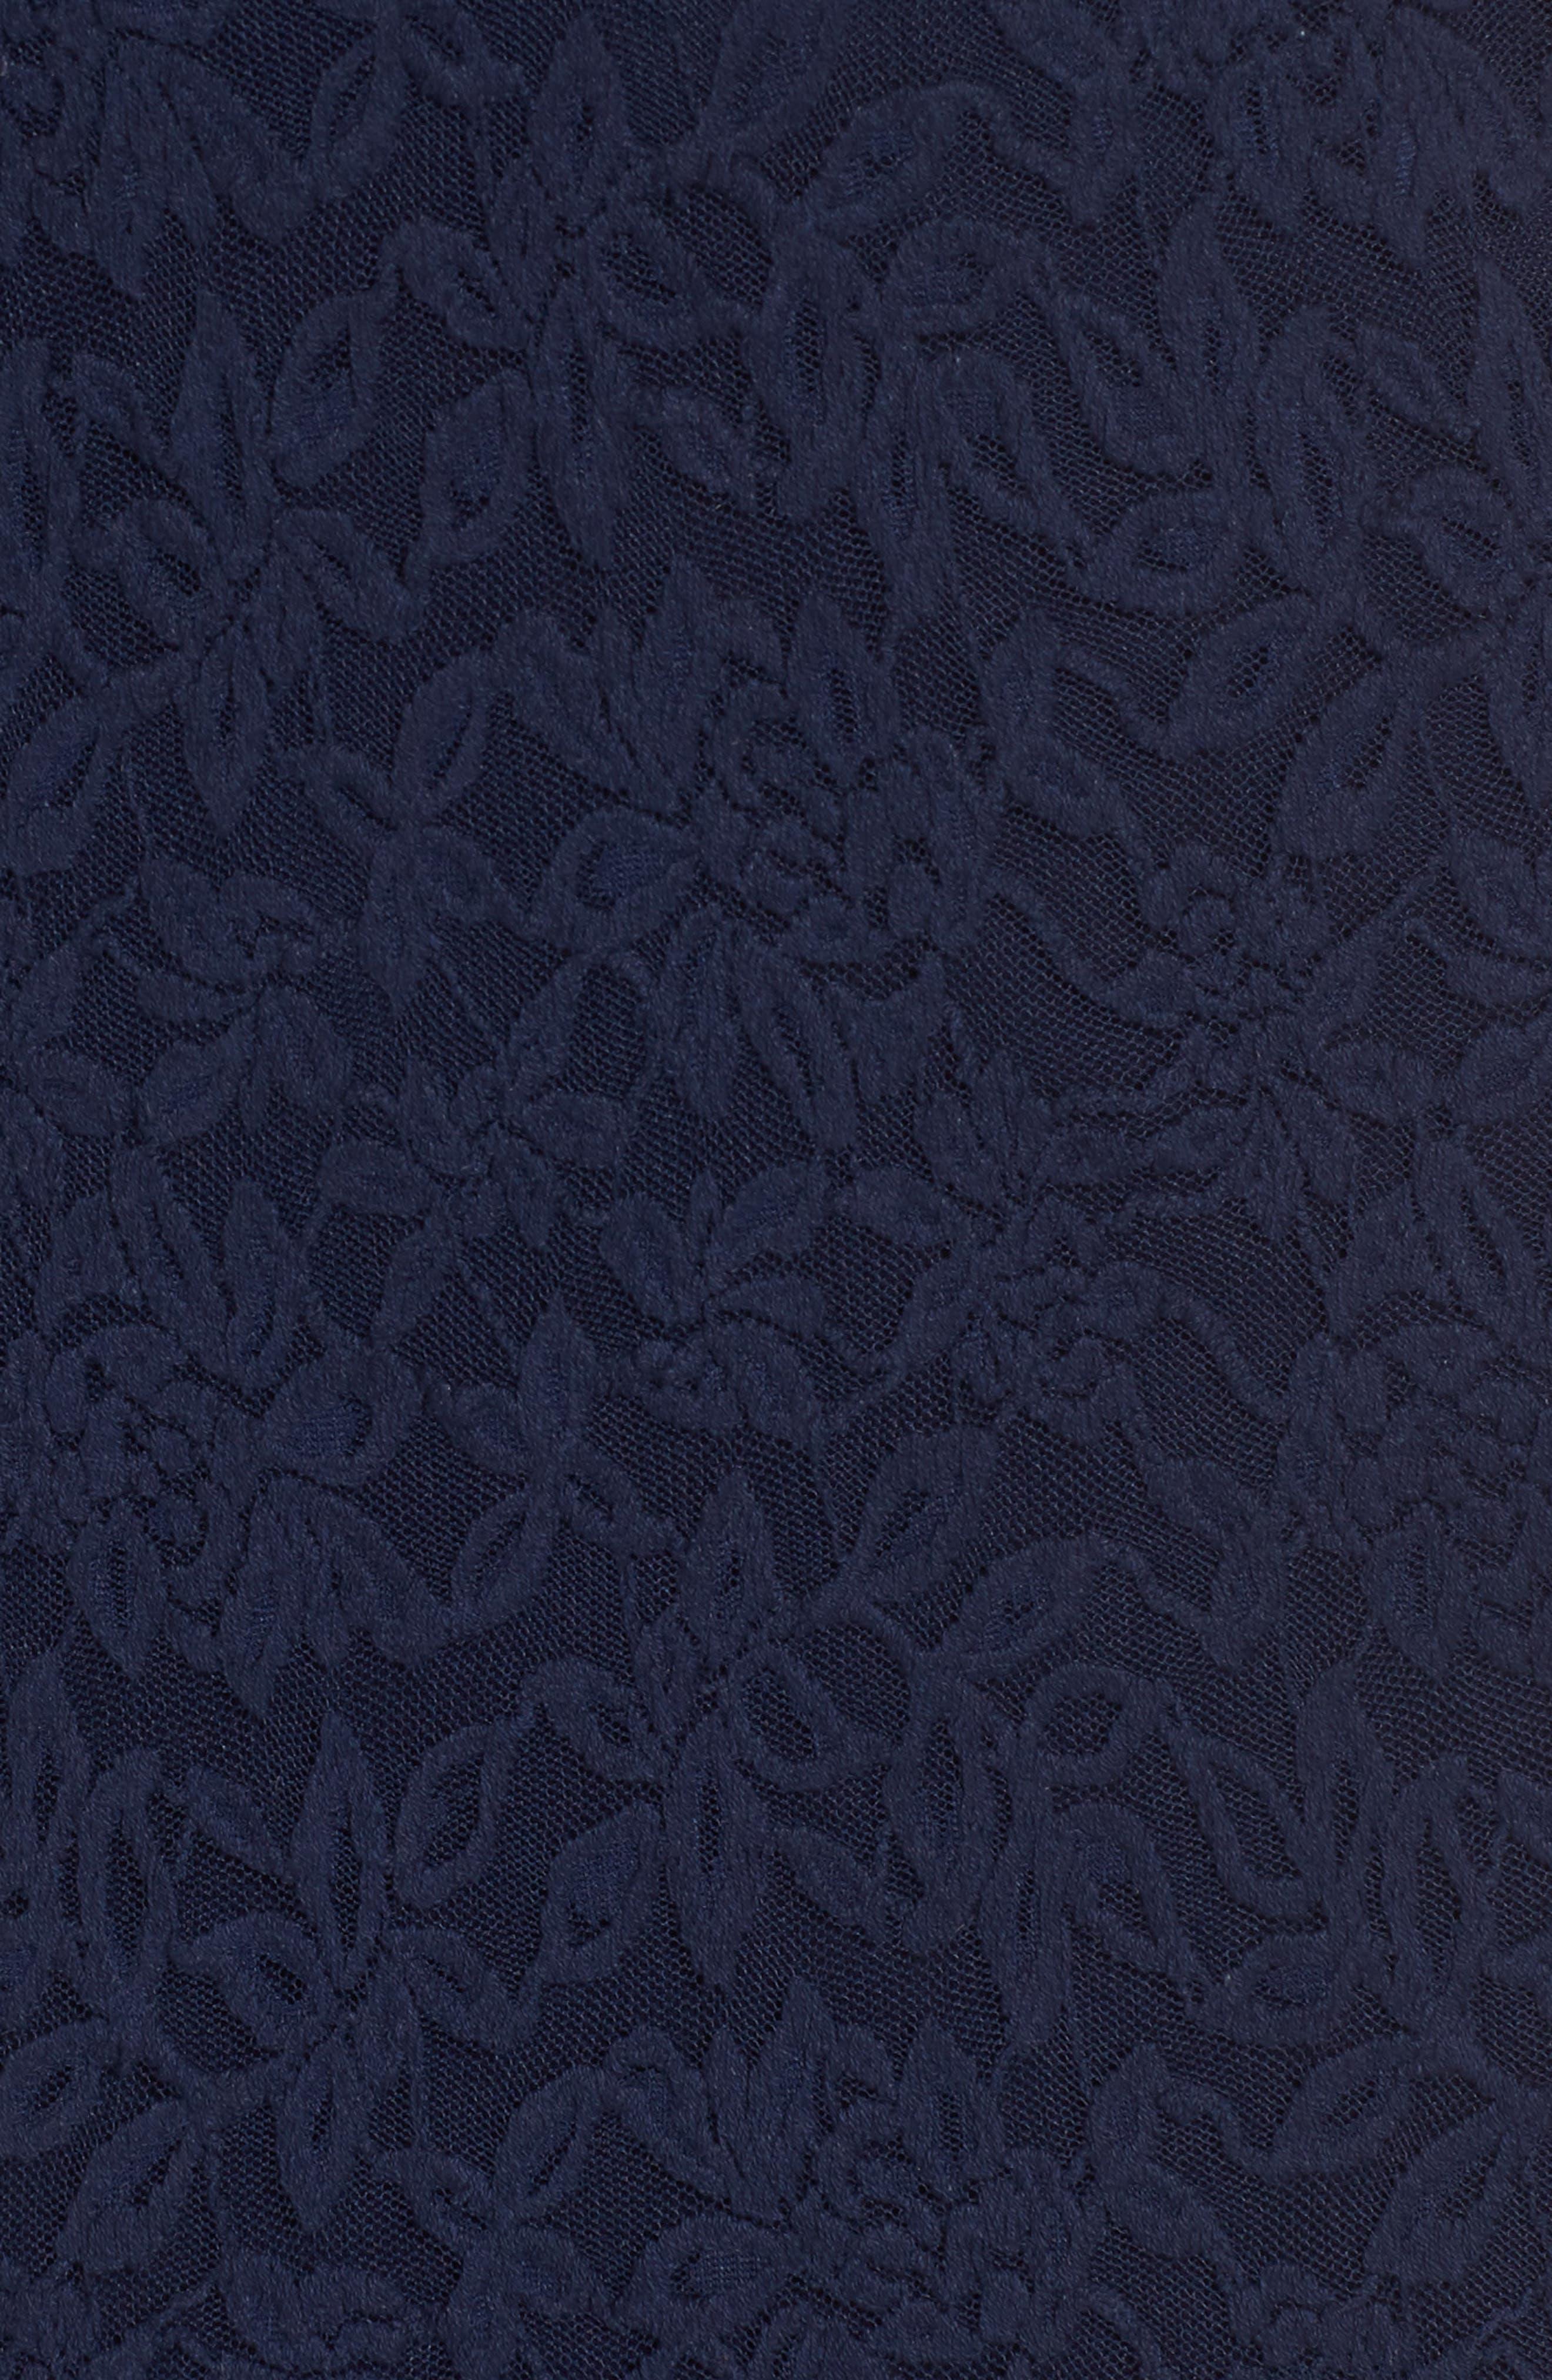 Delicia Lace Body-Con Dress,                             Alternate thumbnail 5, color,                             Dark Blue